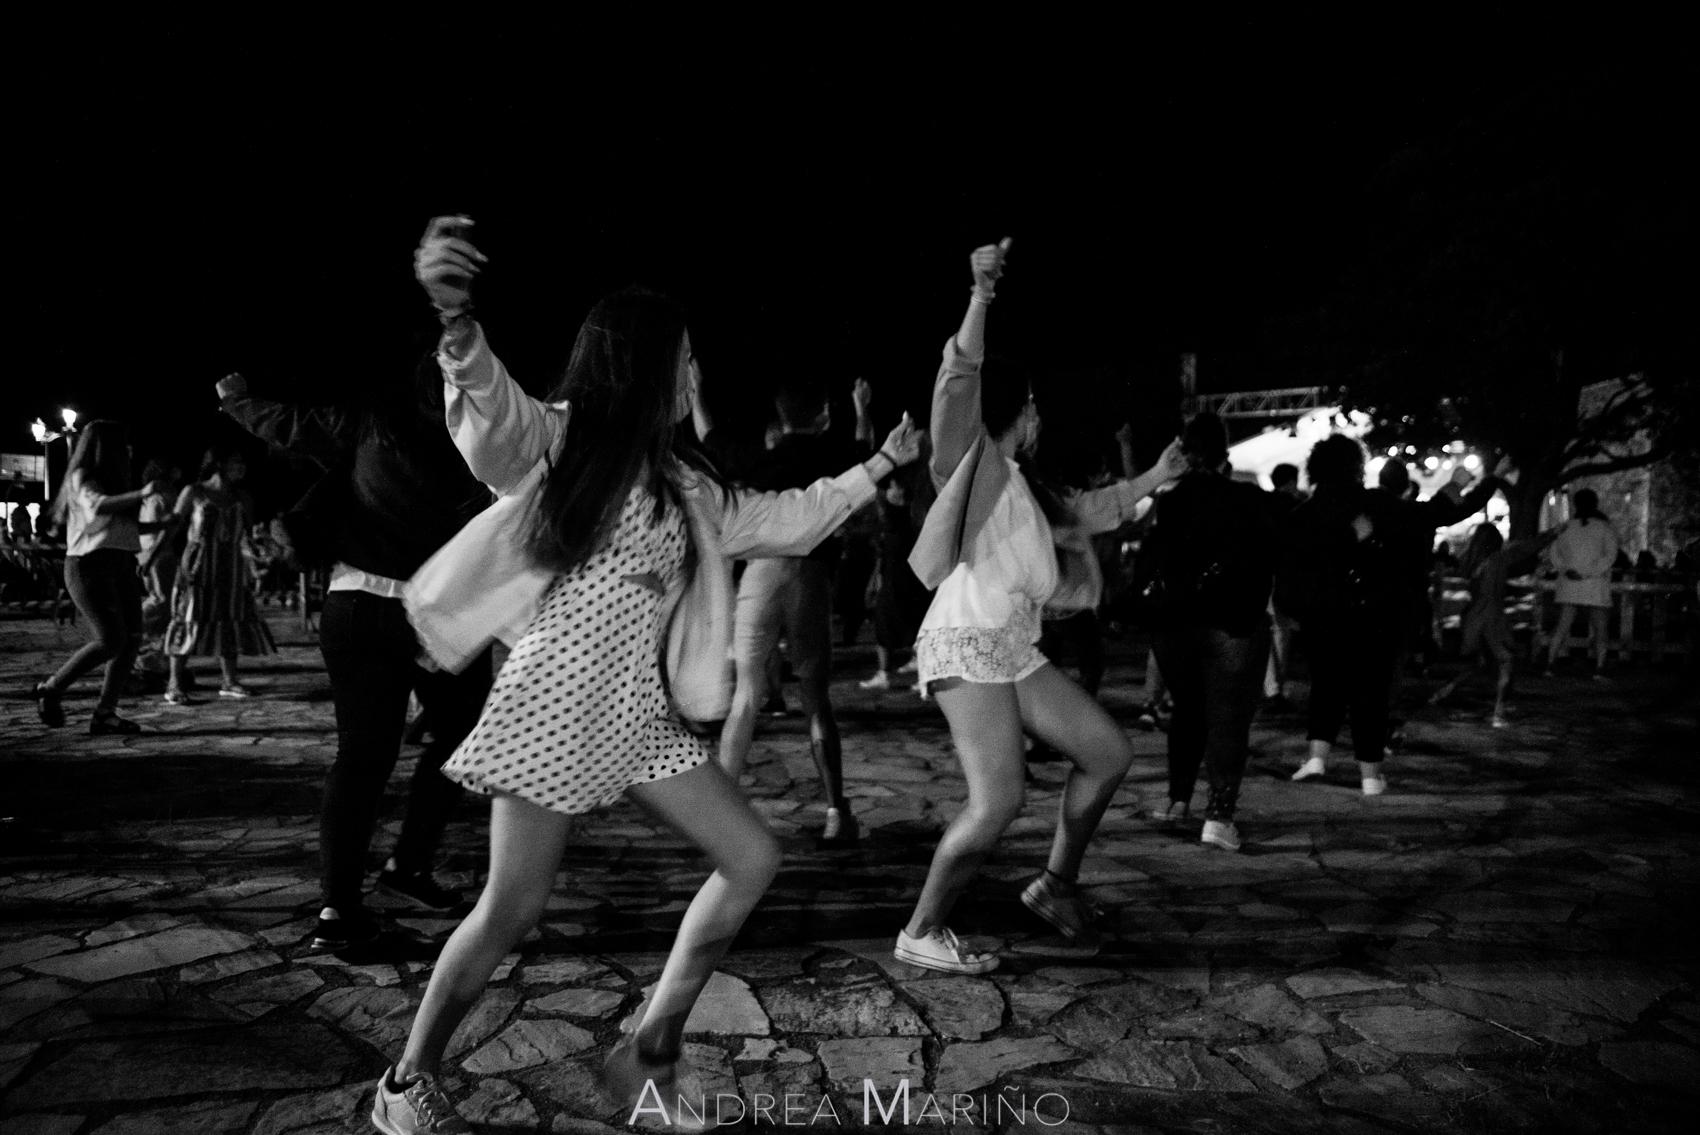 Público bailando en el recinto del Baiverán en Baiona